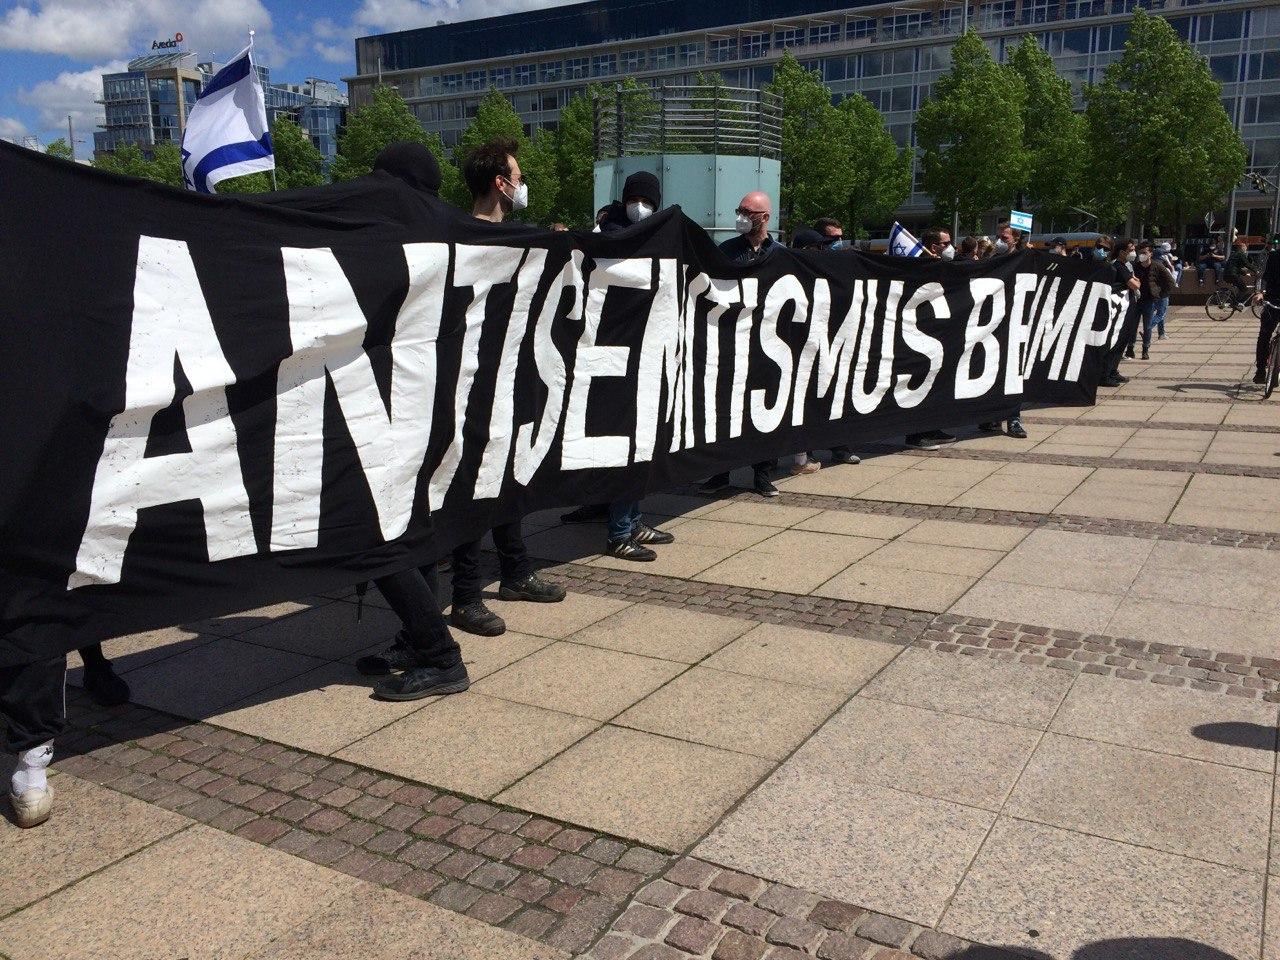 Die Hauptsorge auf der Pro-Israel-Demo: der Antisemitismus. Foto: LZ